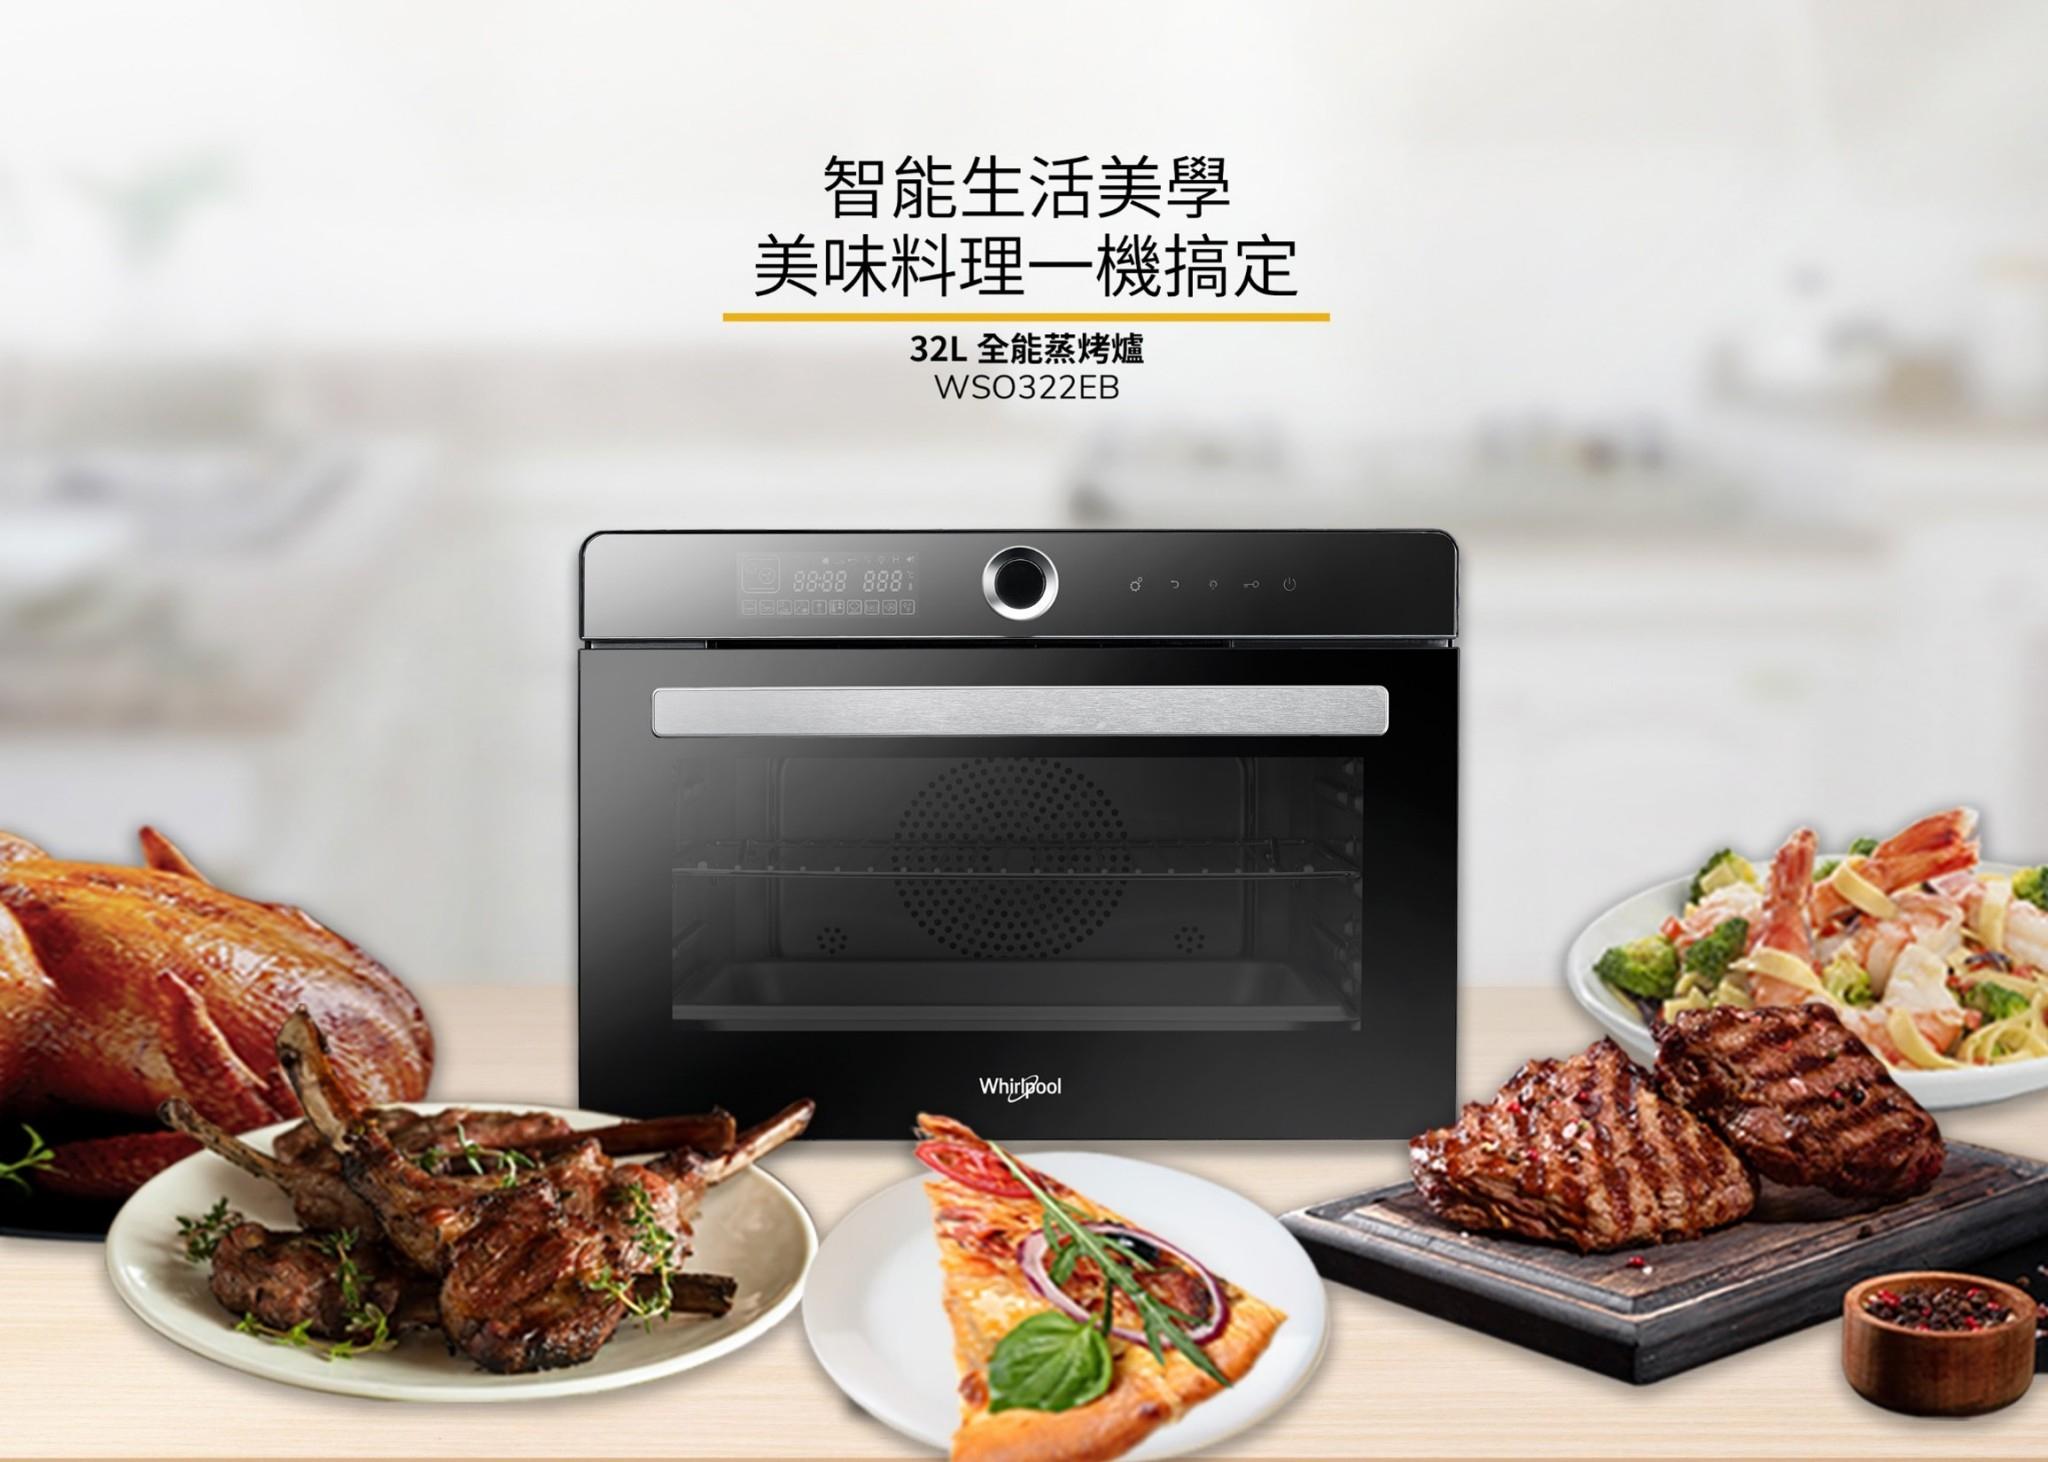 中秋節要烤肉嗎?烤肉家電大集結  烤完還有加氛好空氣